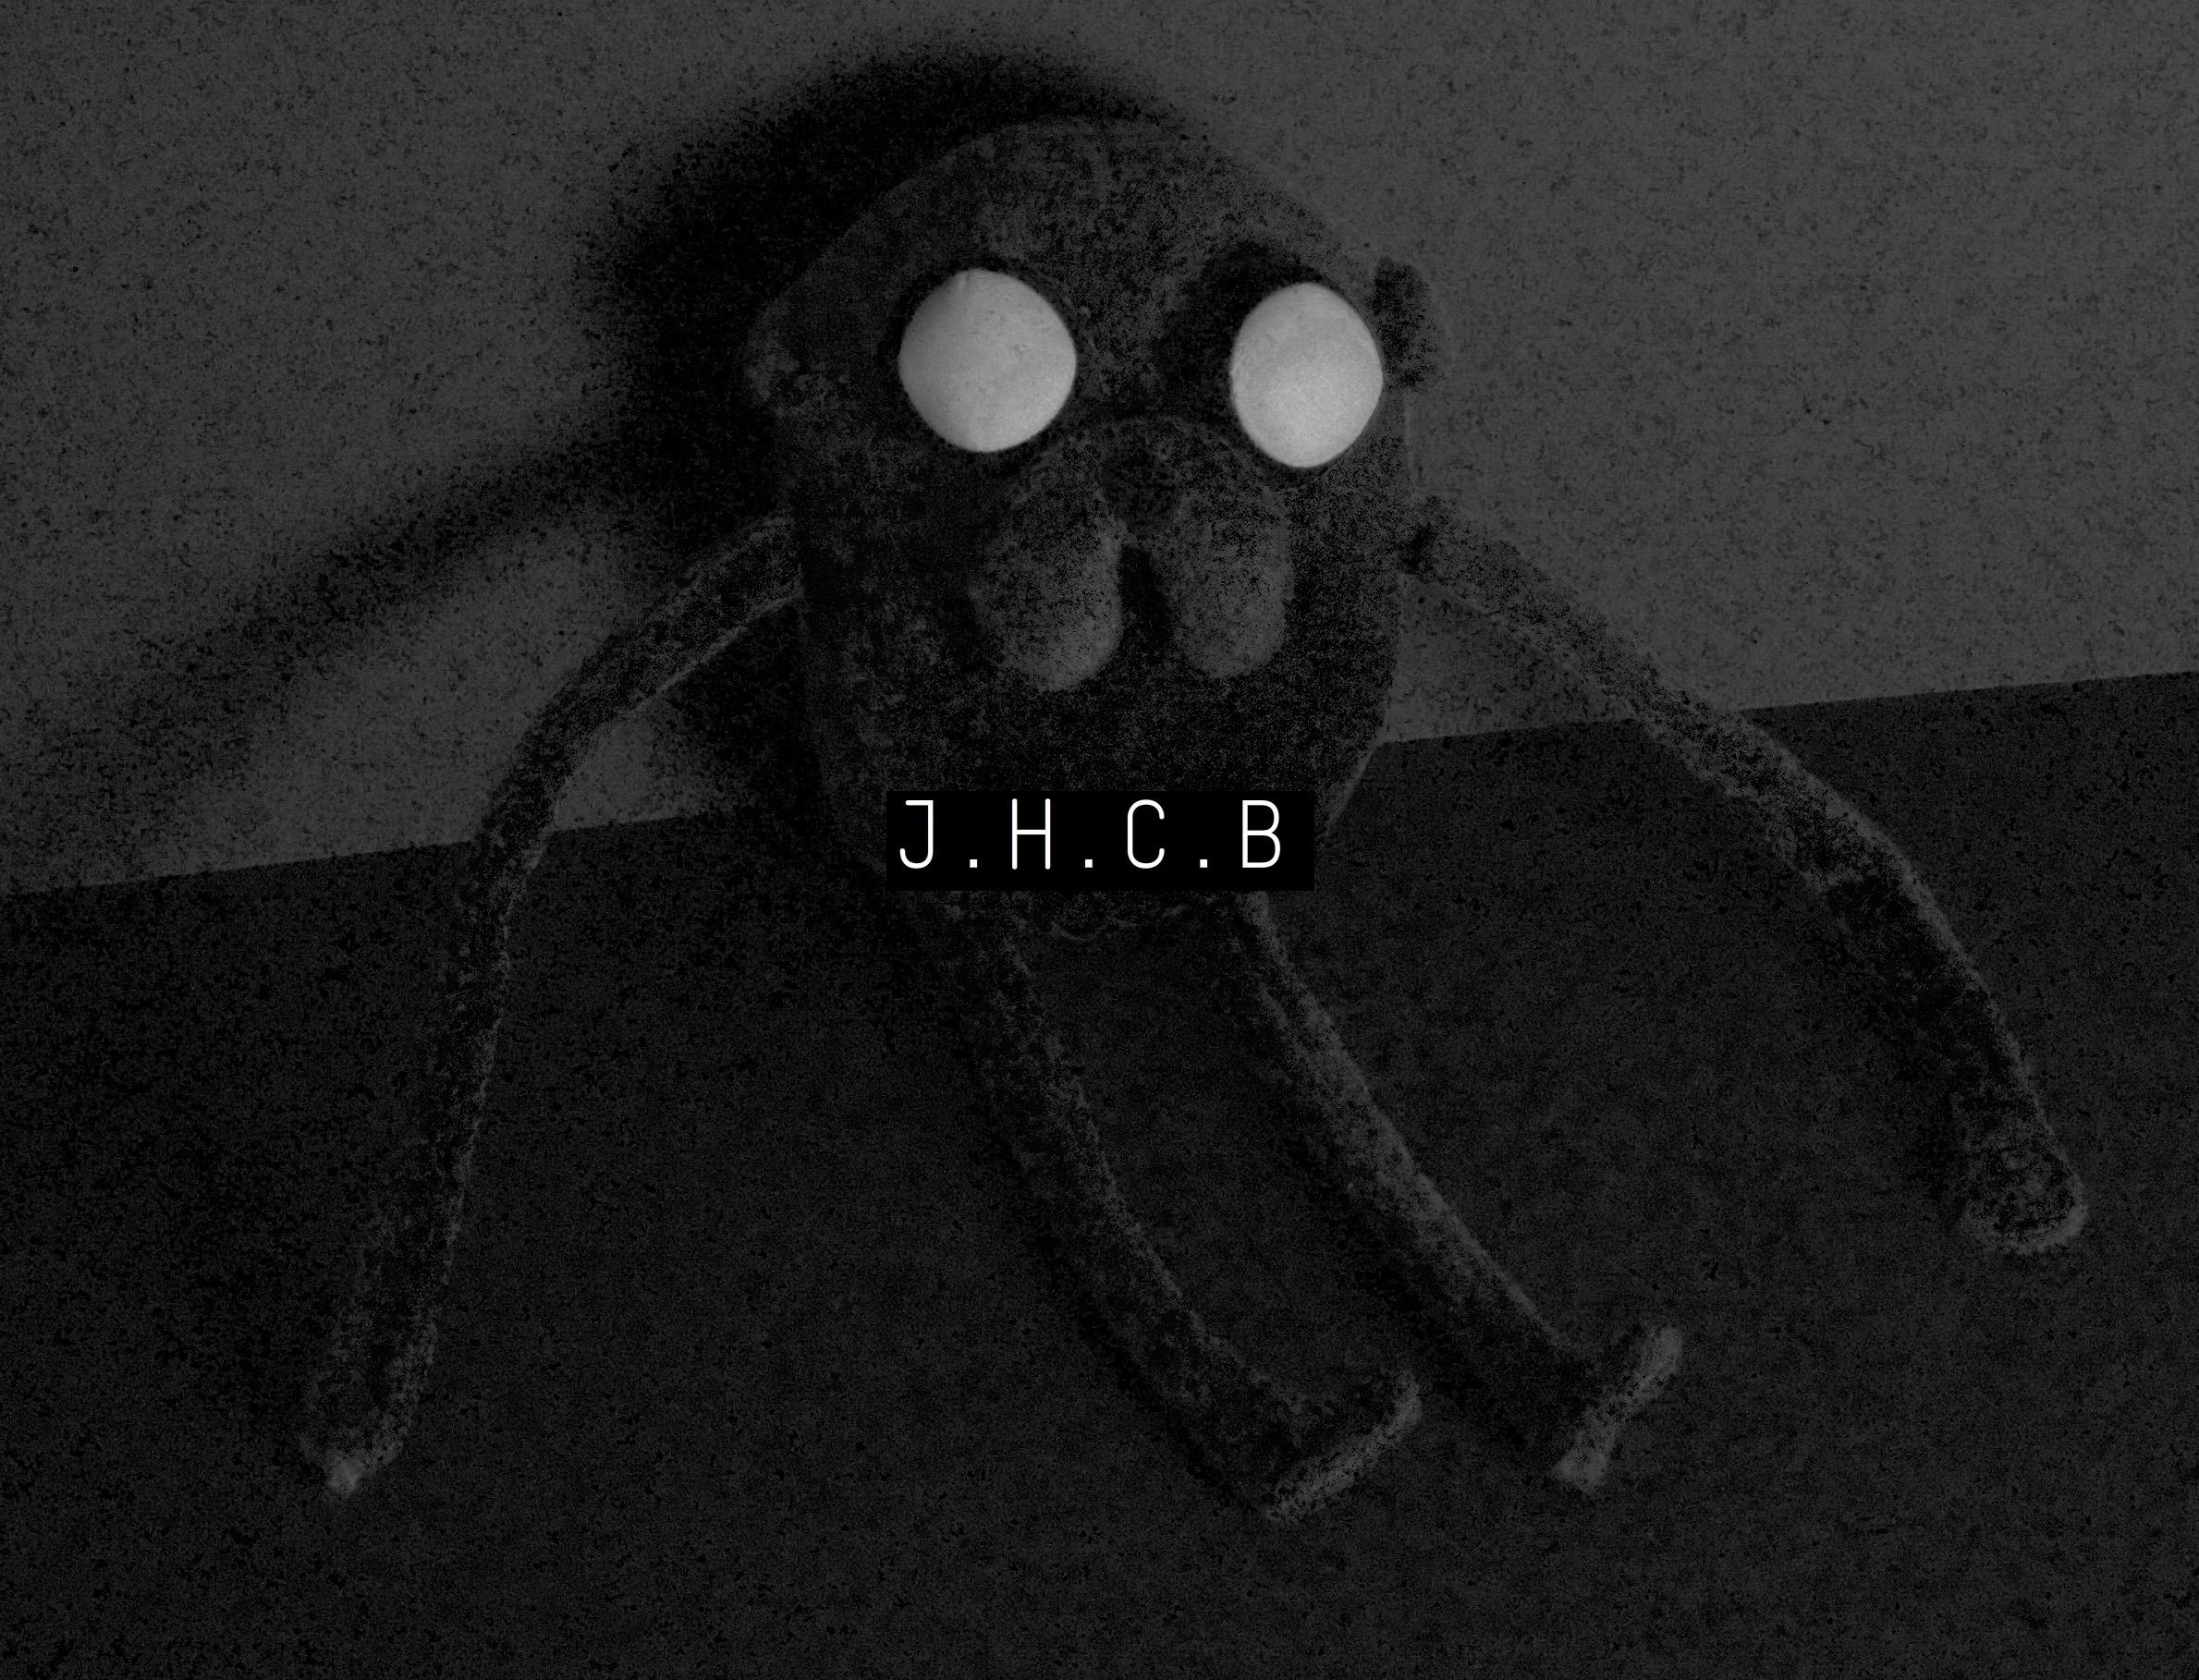 Jake JHCB